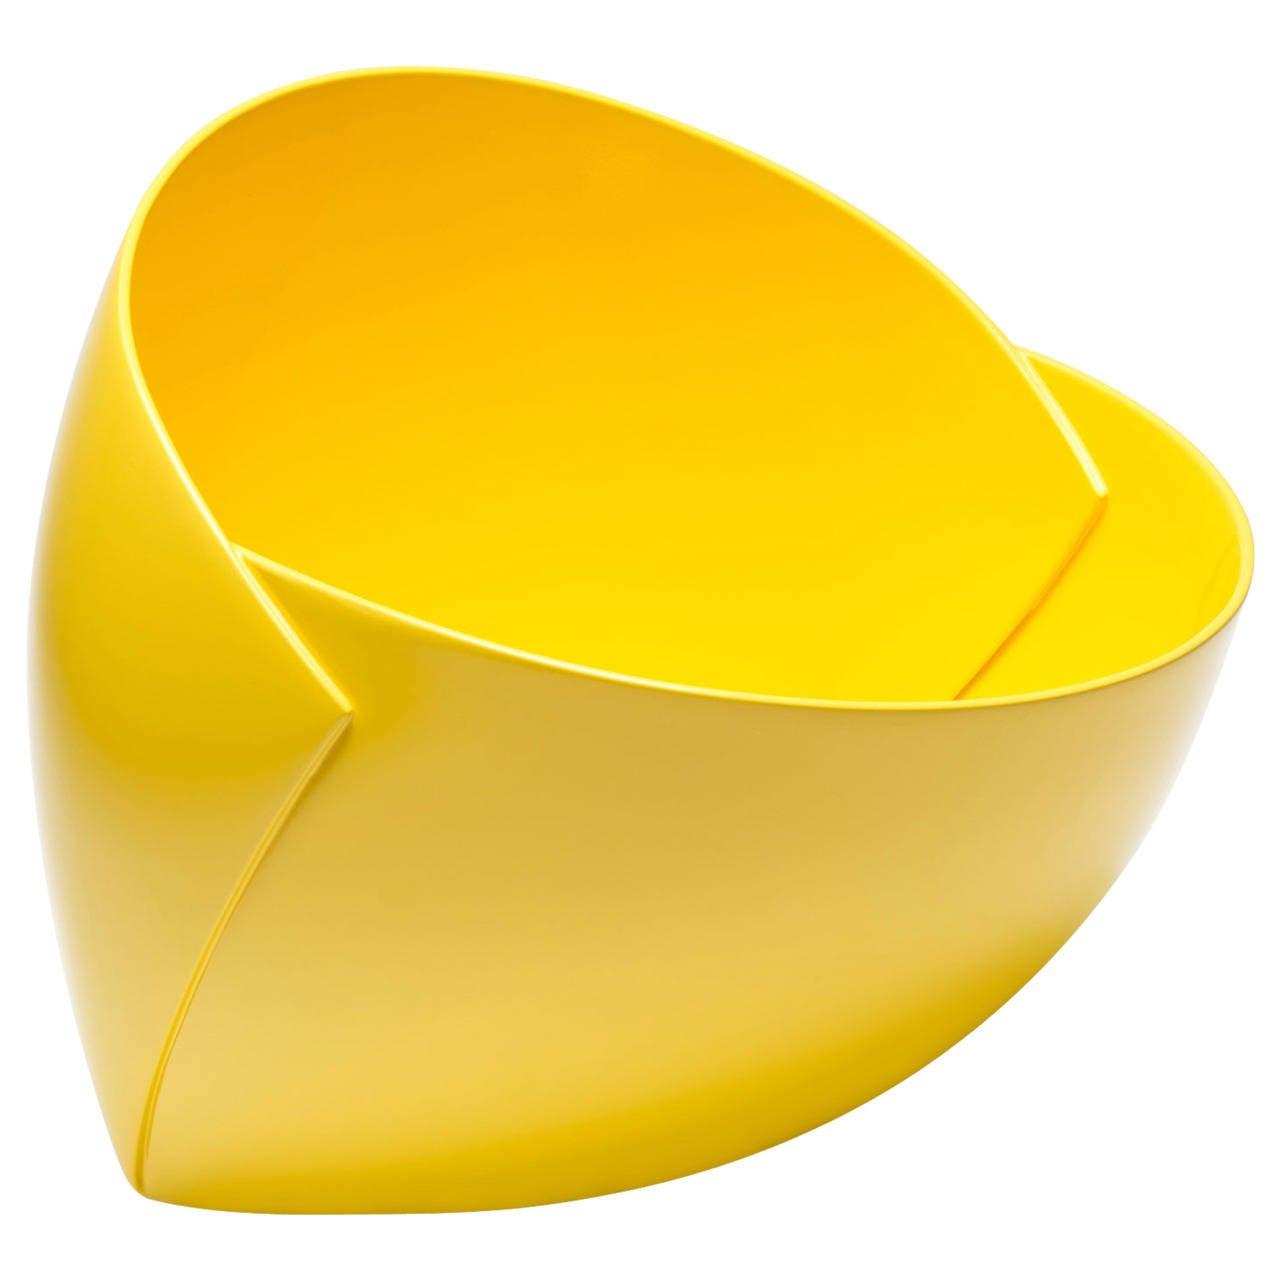 Origami Vessel by Ann Van Hoey 1